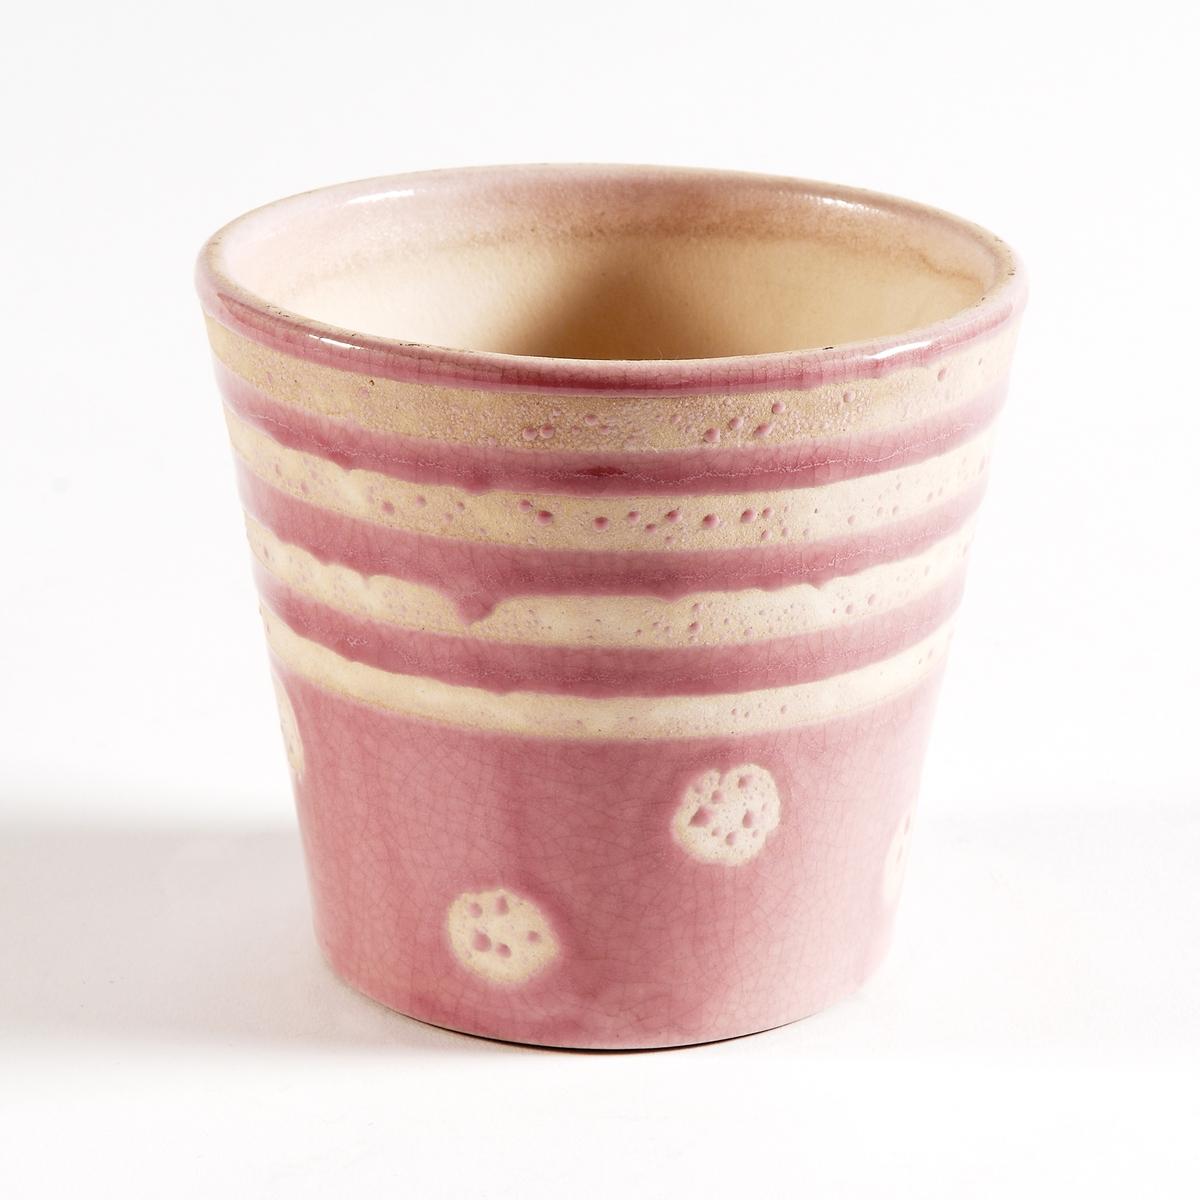 Кашпо из керамики, покрытой глазурью, EtnimaХарактеристики круглого кашпо из керамики Etnima :Круглое кашпо из керамики, покрытой глазурью, с этническим рисунком.Размеры круглого кашпо из керамики Etnima :Размеры : диаметр 14 x высота 12,5 см.<br><br>Цвет: оранжевый,светло-розовый,темно-розовый